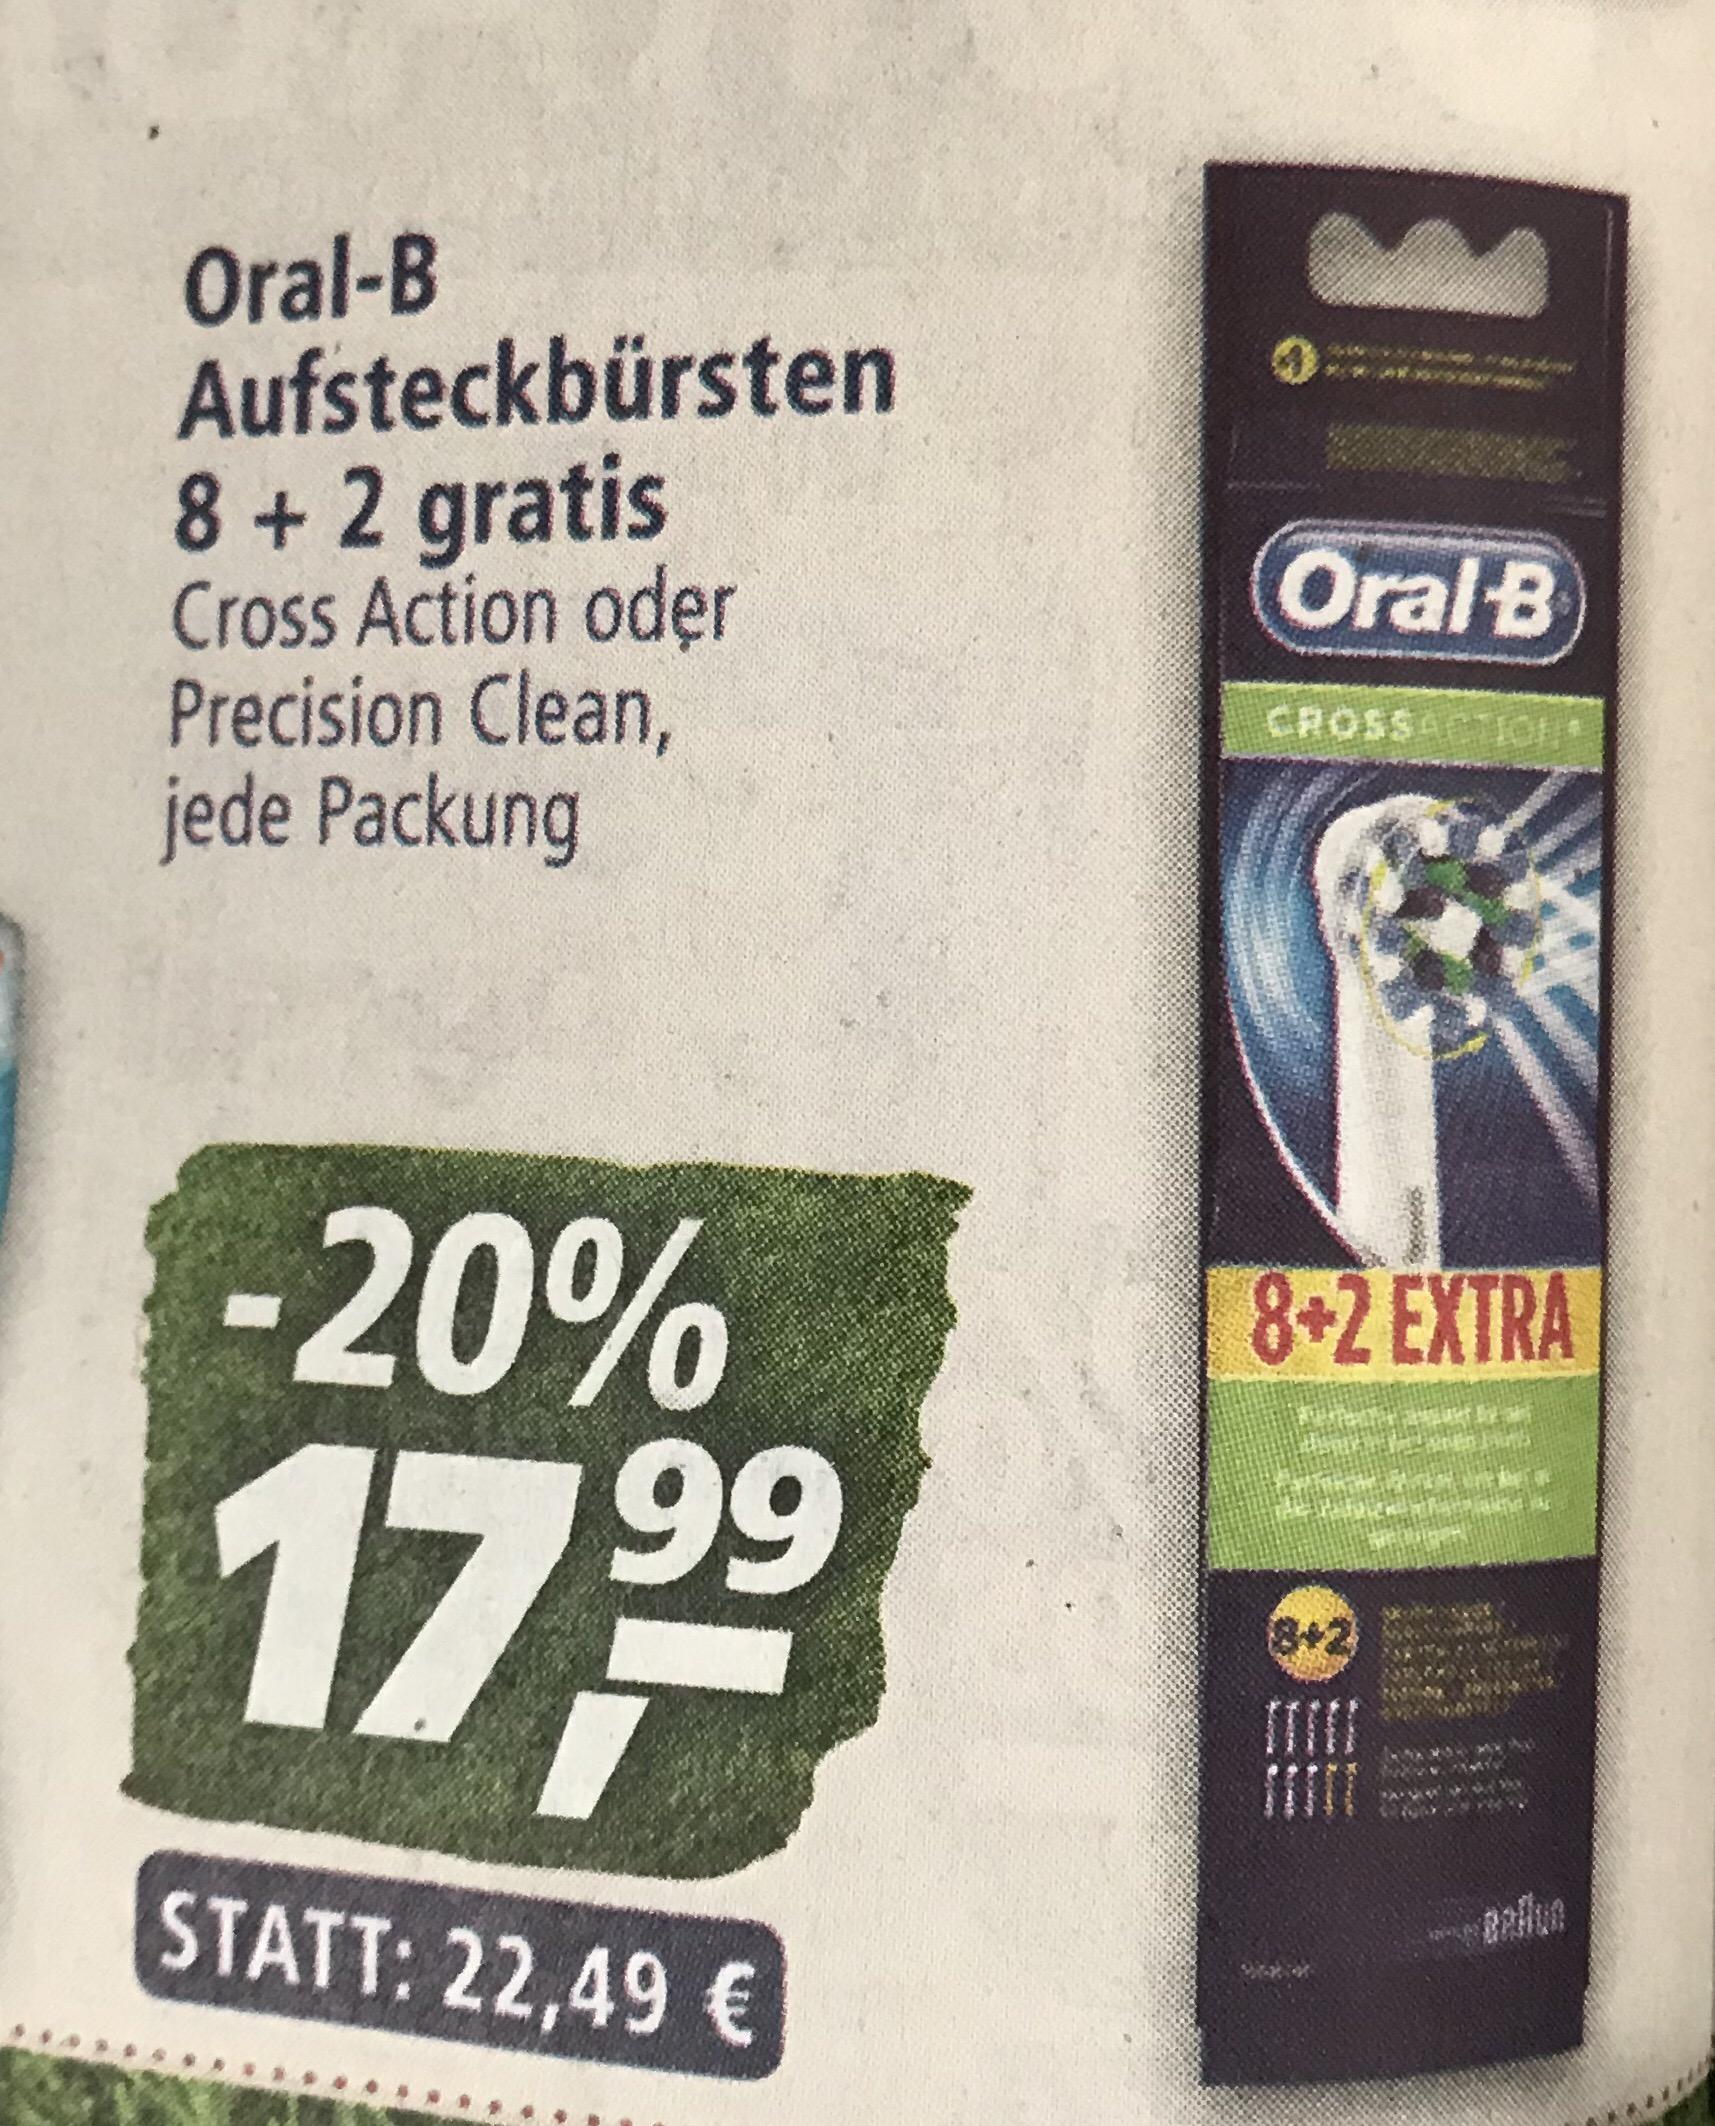 Oral-B Aufteckbürsten 8+2 (Cross Action oder Precision Clean) für 17,99 EUR bei Real ab 25.06.18